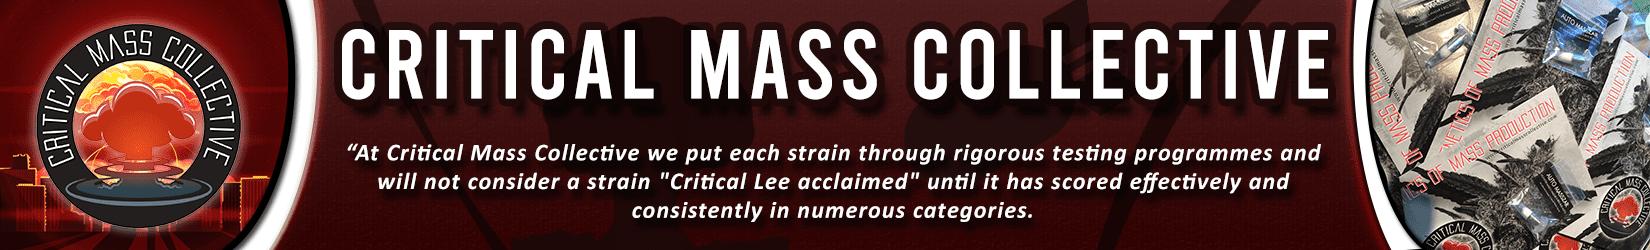 Cannabis Seeds Breeder - Critical Mass Collective